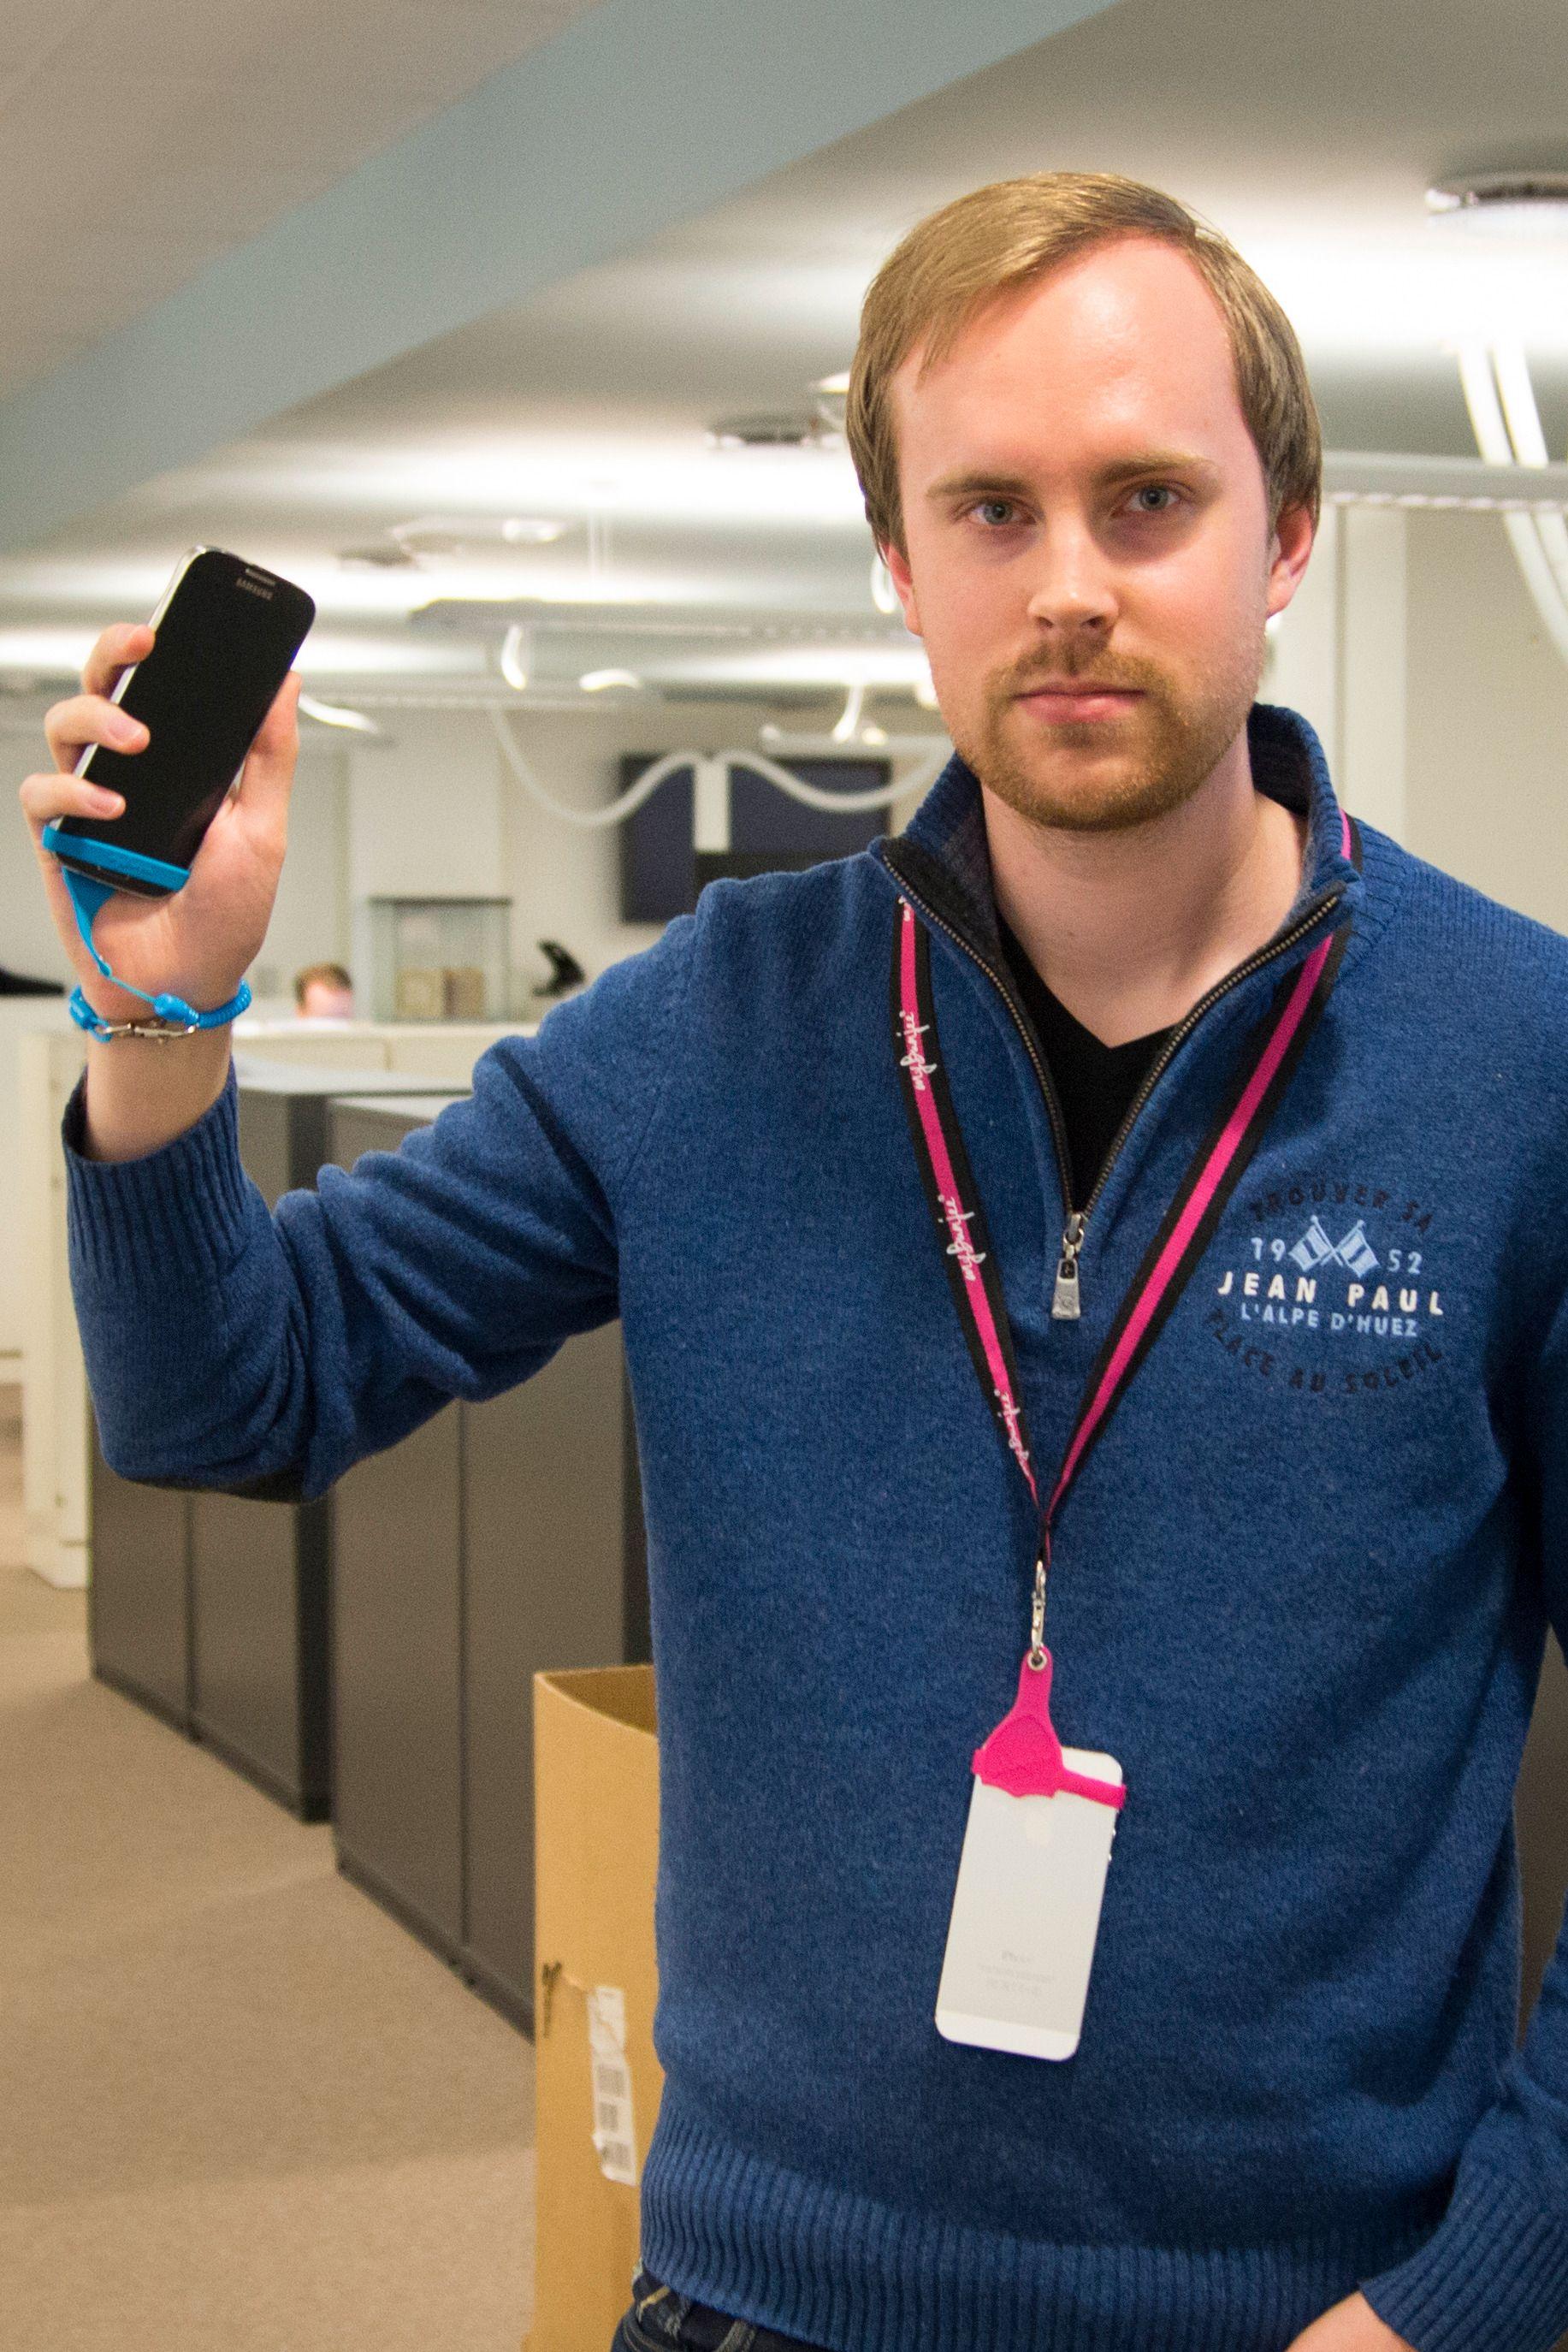 Anders føler seg ganske sikker på at han ikke mister mobilen. Men det er egentlig på grunn av at han har den i lomma, og ikke henger den rundt halsen i en «My Bunjee». Foto: Kristoffer Møllevik